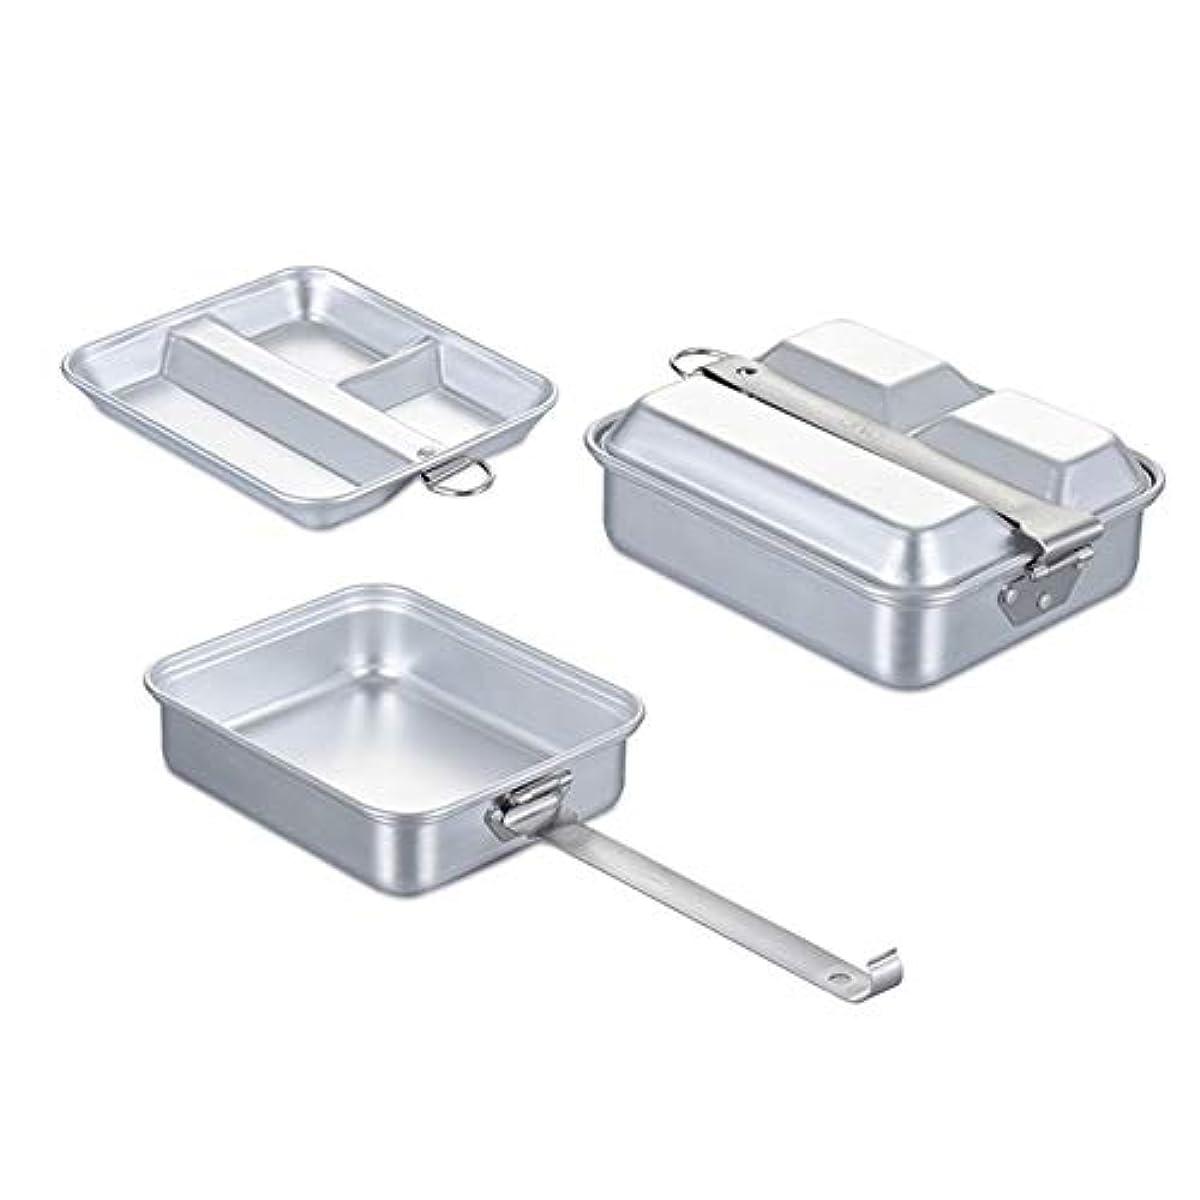 無駄にひどく浴室アルミメスキット 折り畳みハンドル付き サバイバルキット キャンプ ミリタリーランチボックス メスティン 2 Piece Aluminum MESS KIT